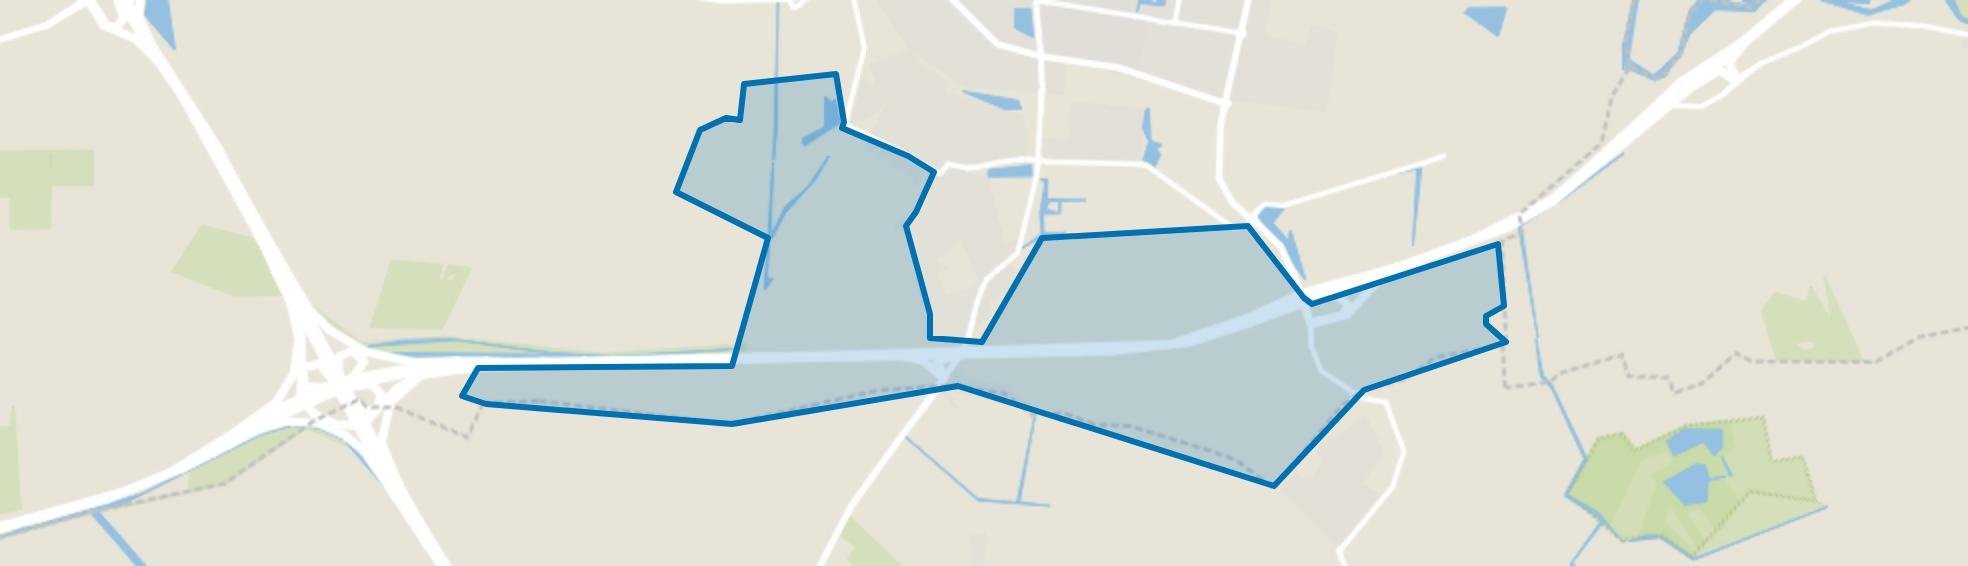 Meteren e.o., Meteren map